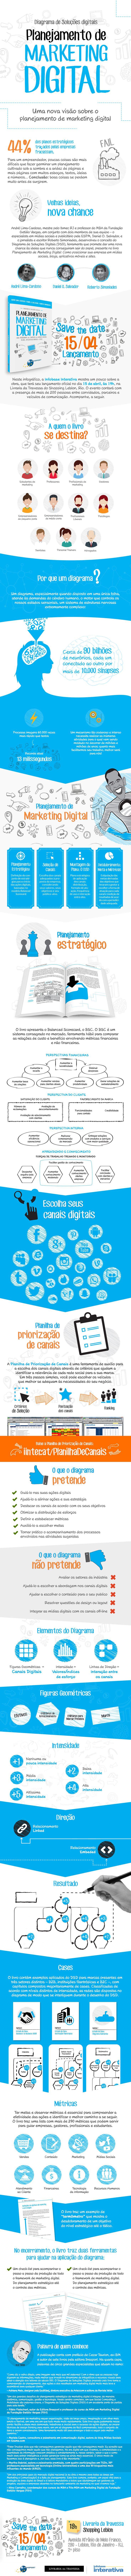 Infográfico – Diagrama de Soluções Digitais: Uma nova visão sobre o planejamento de marketing digital http://www.iinterativa.com.br/infografico-diagrama-de-solucoes-digitais-uma-nova-visao-sobre-planejamento-de-marketing-digital/